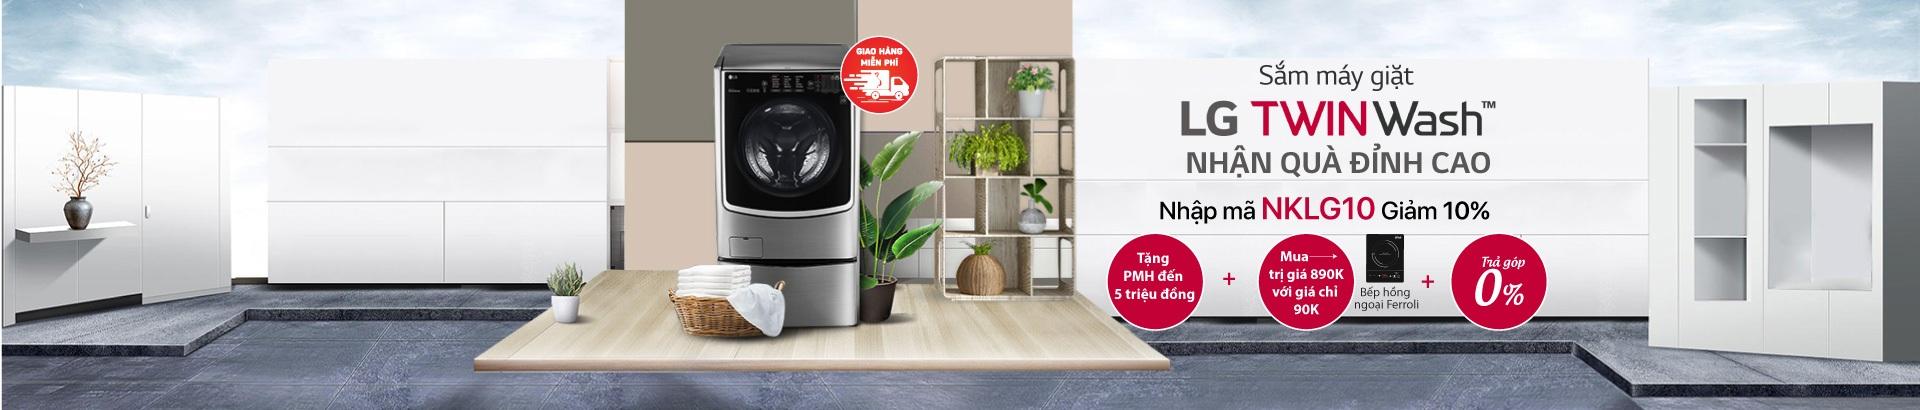 Sắm máy giặt LG TWIN WASH - Nhận quà đỉnh cao